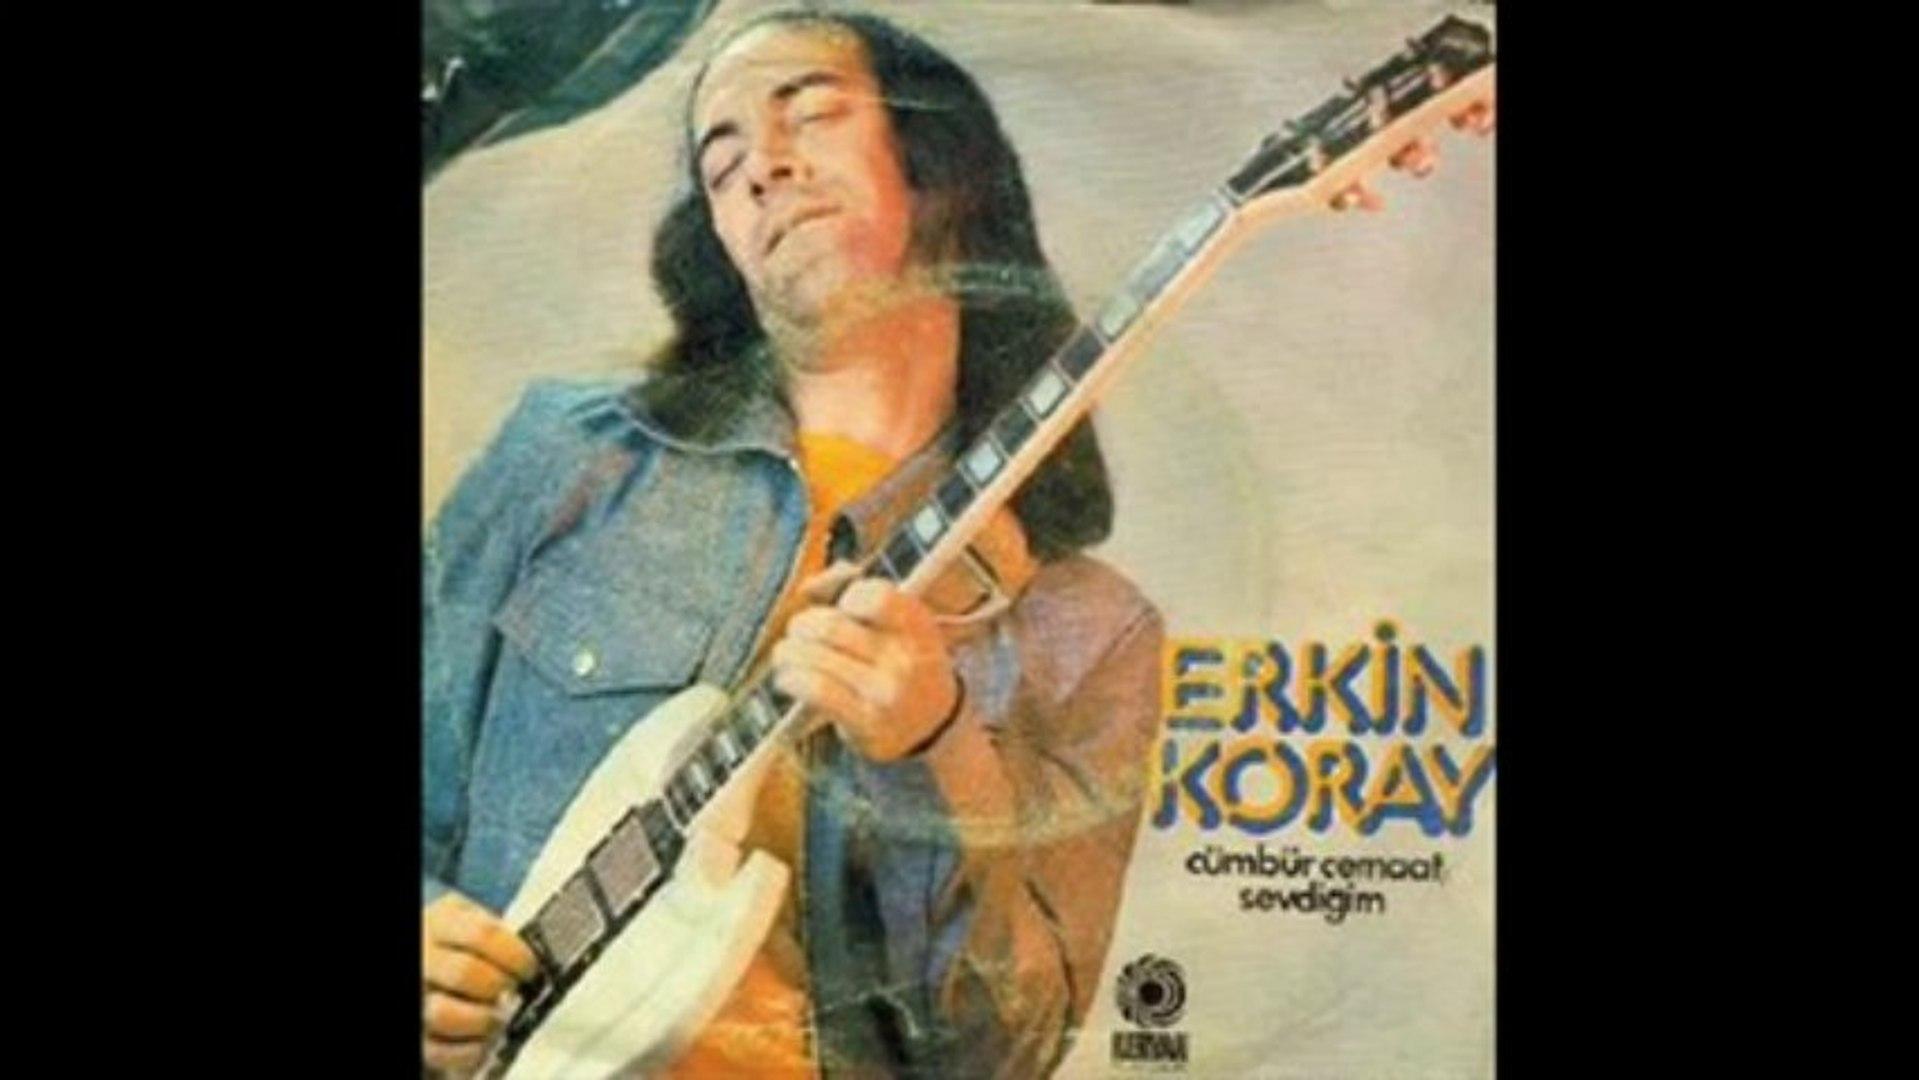 Erkin Koray -  Balla Balla & You've Got To Hide Your Love Away